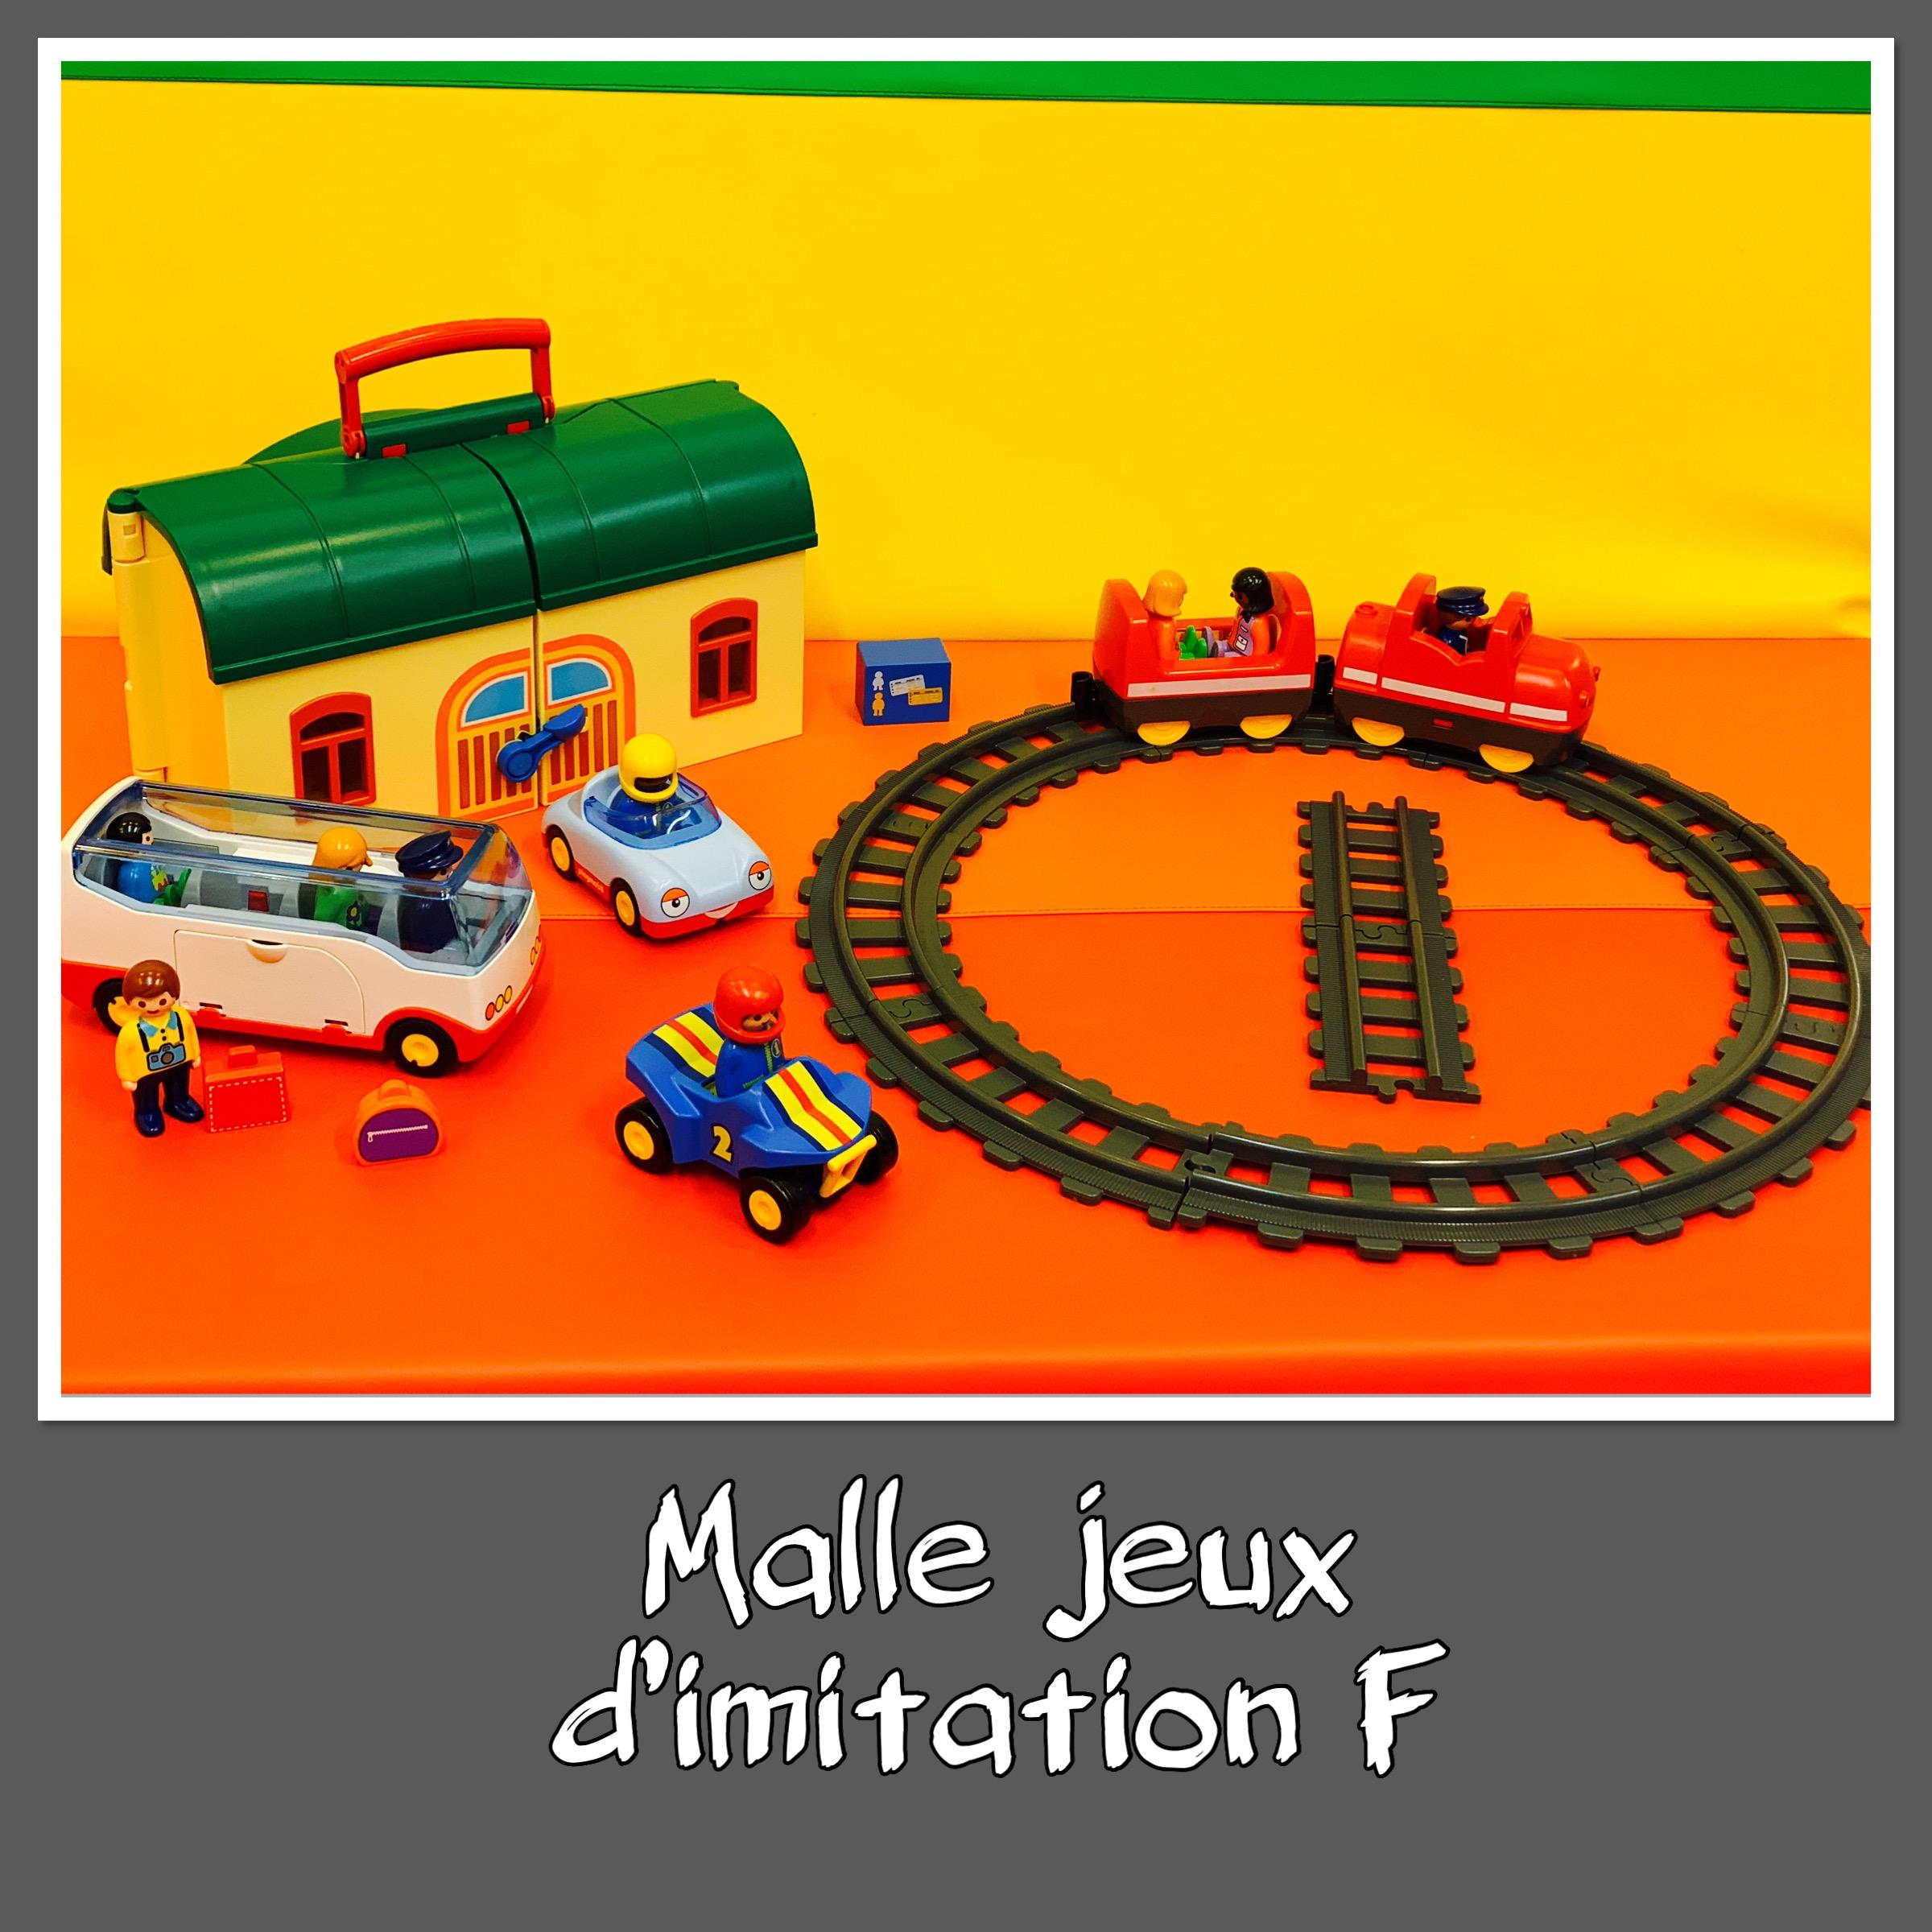 Malle imitation 6